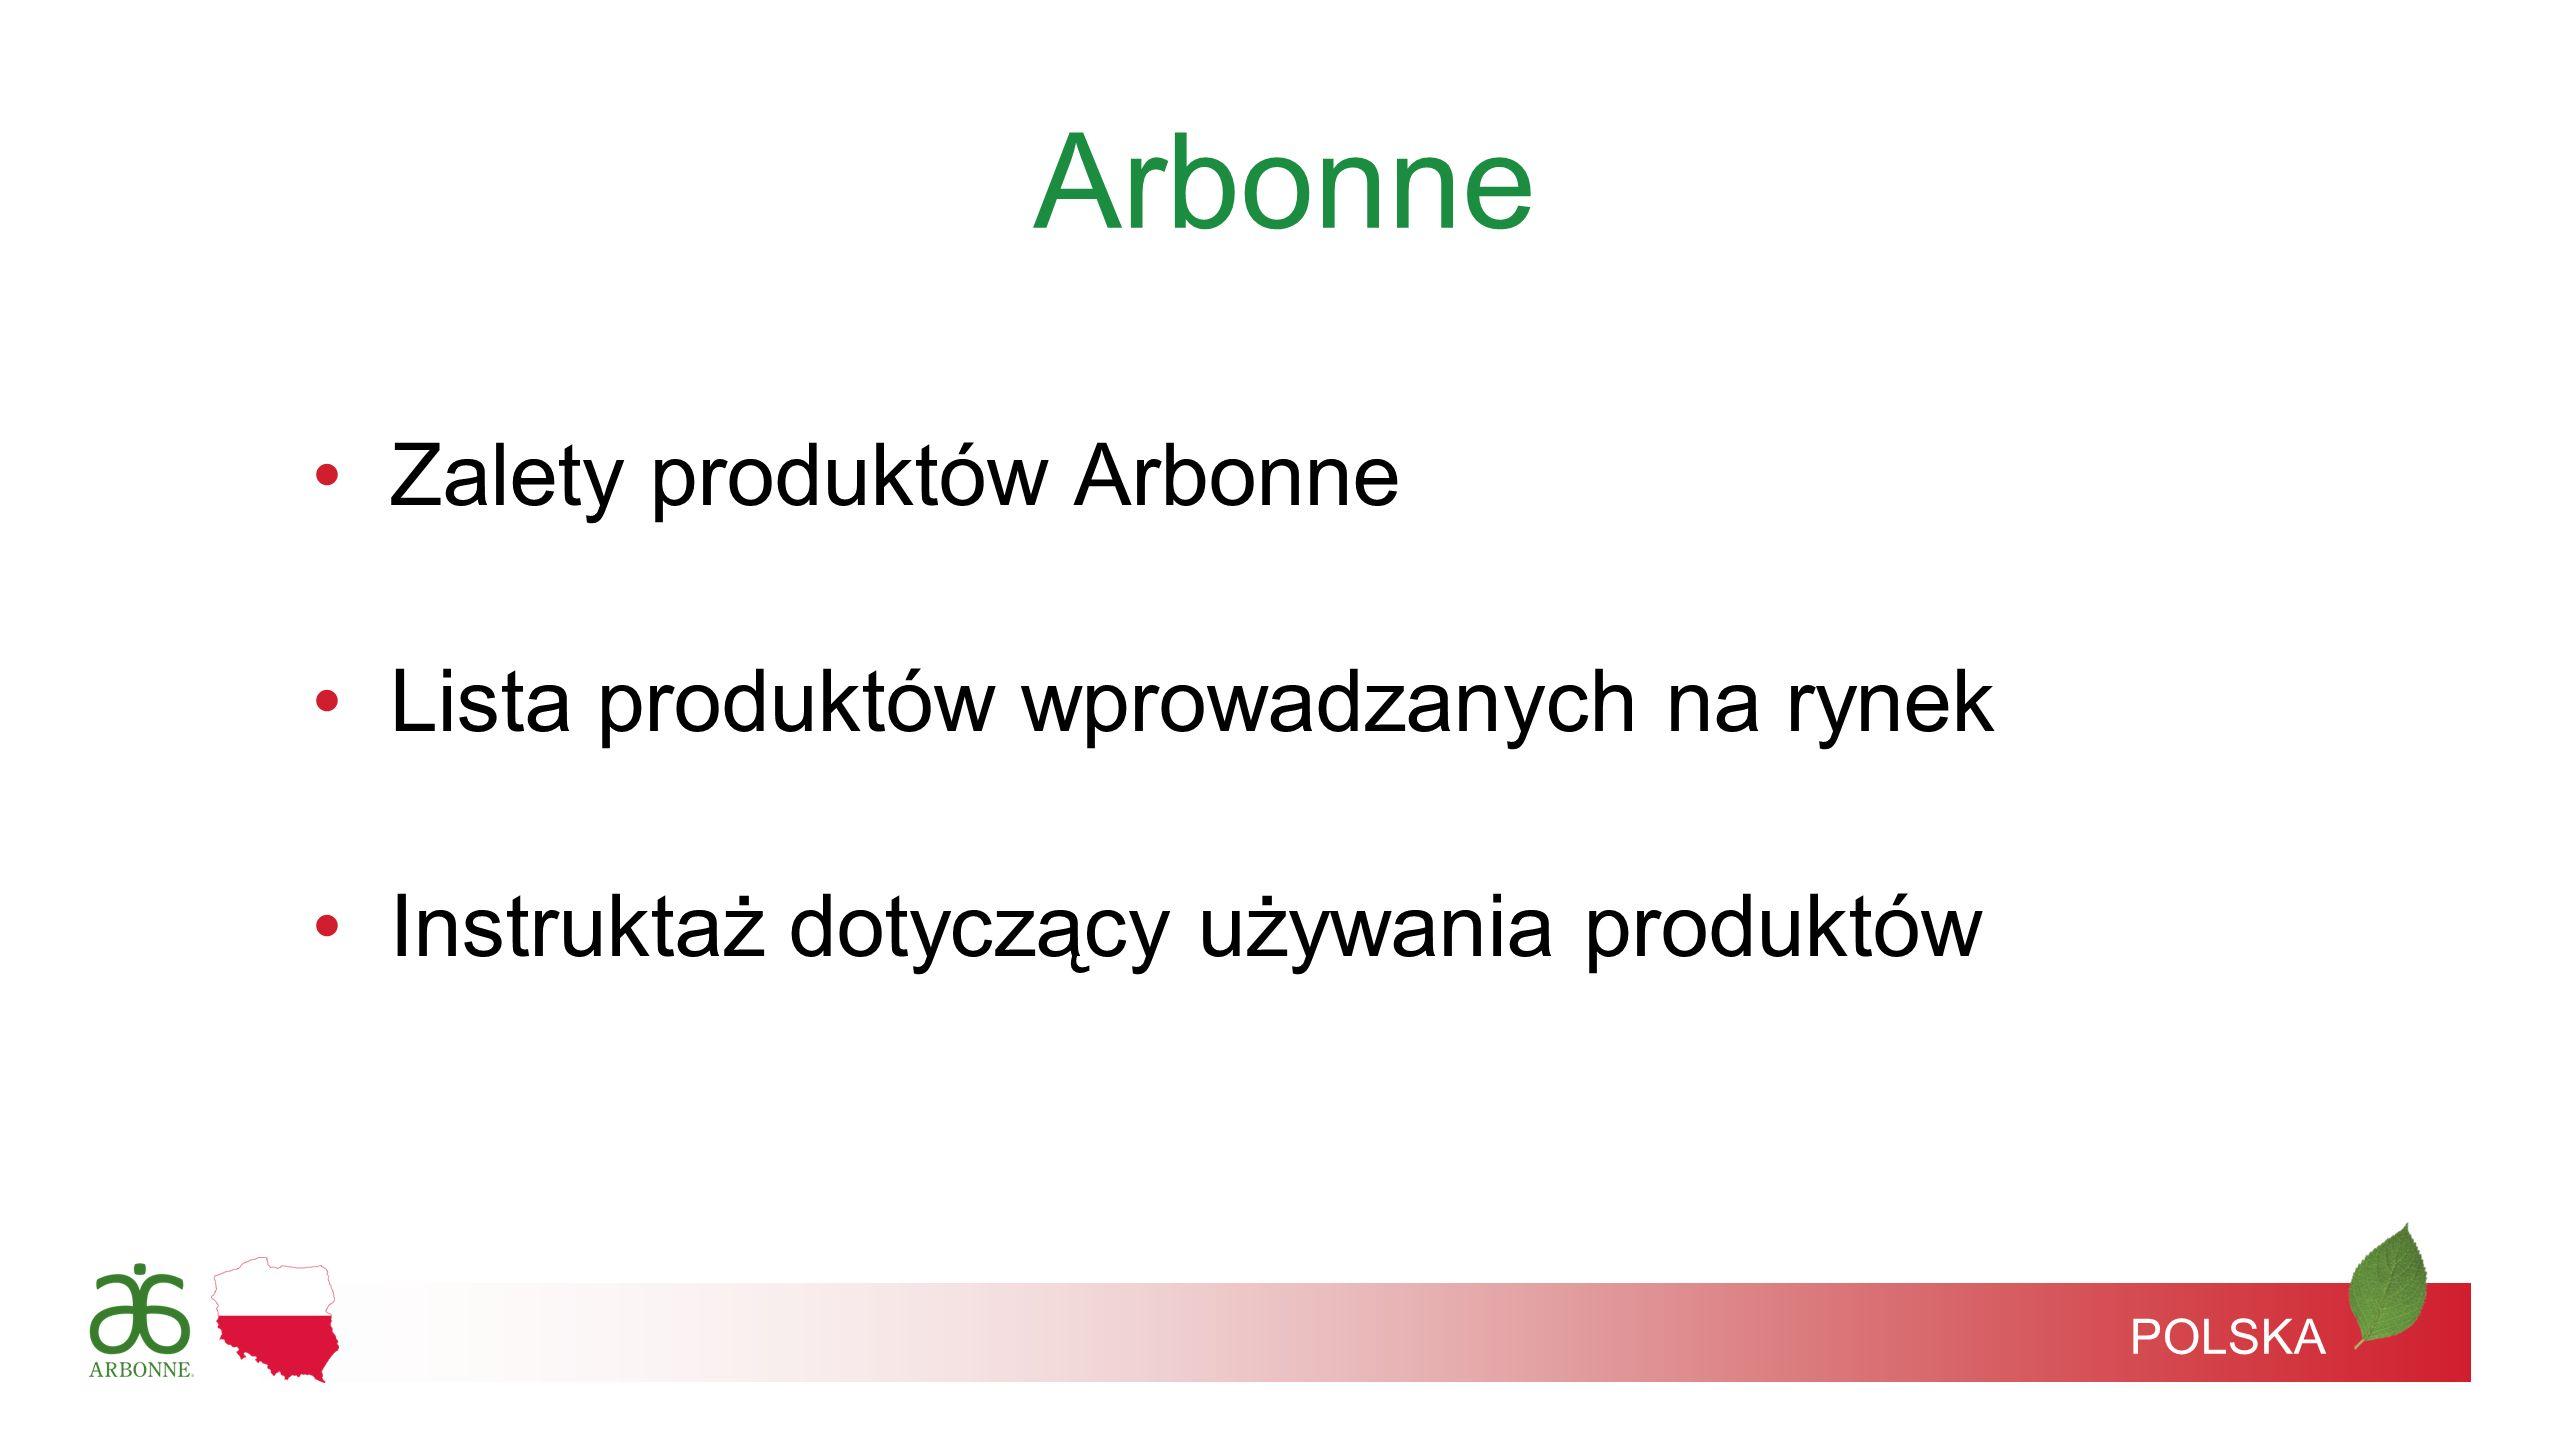 Arbonne Zalety produktów Arbonne